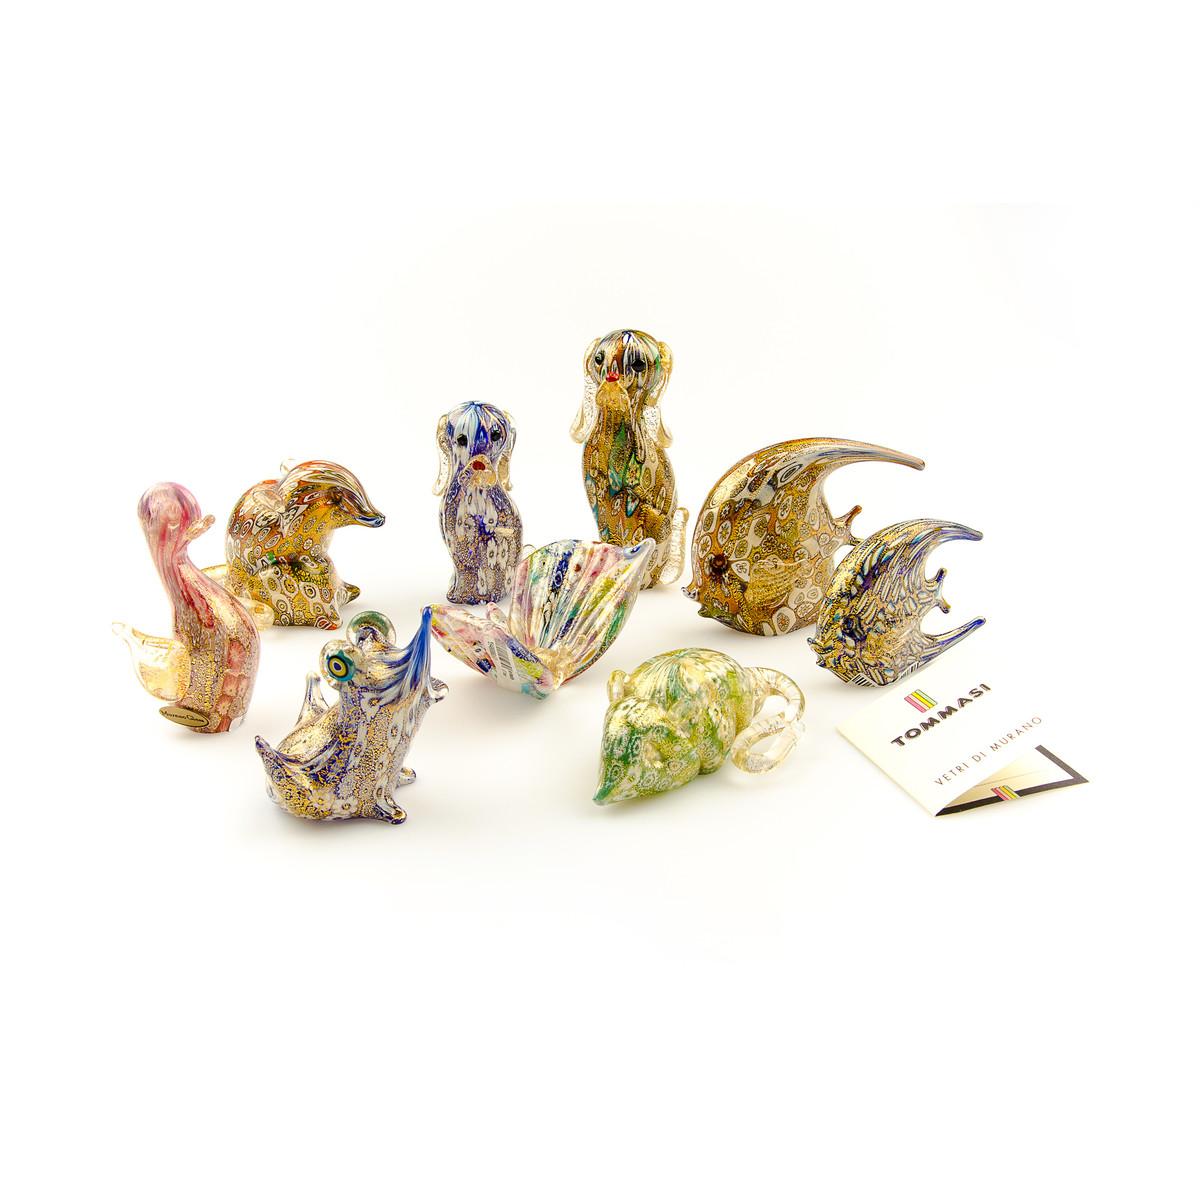 Figurine Diverse